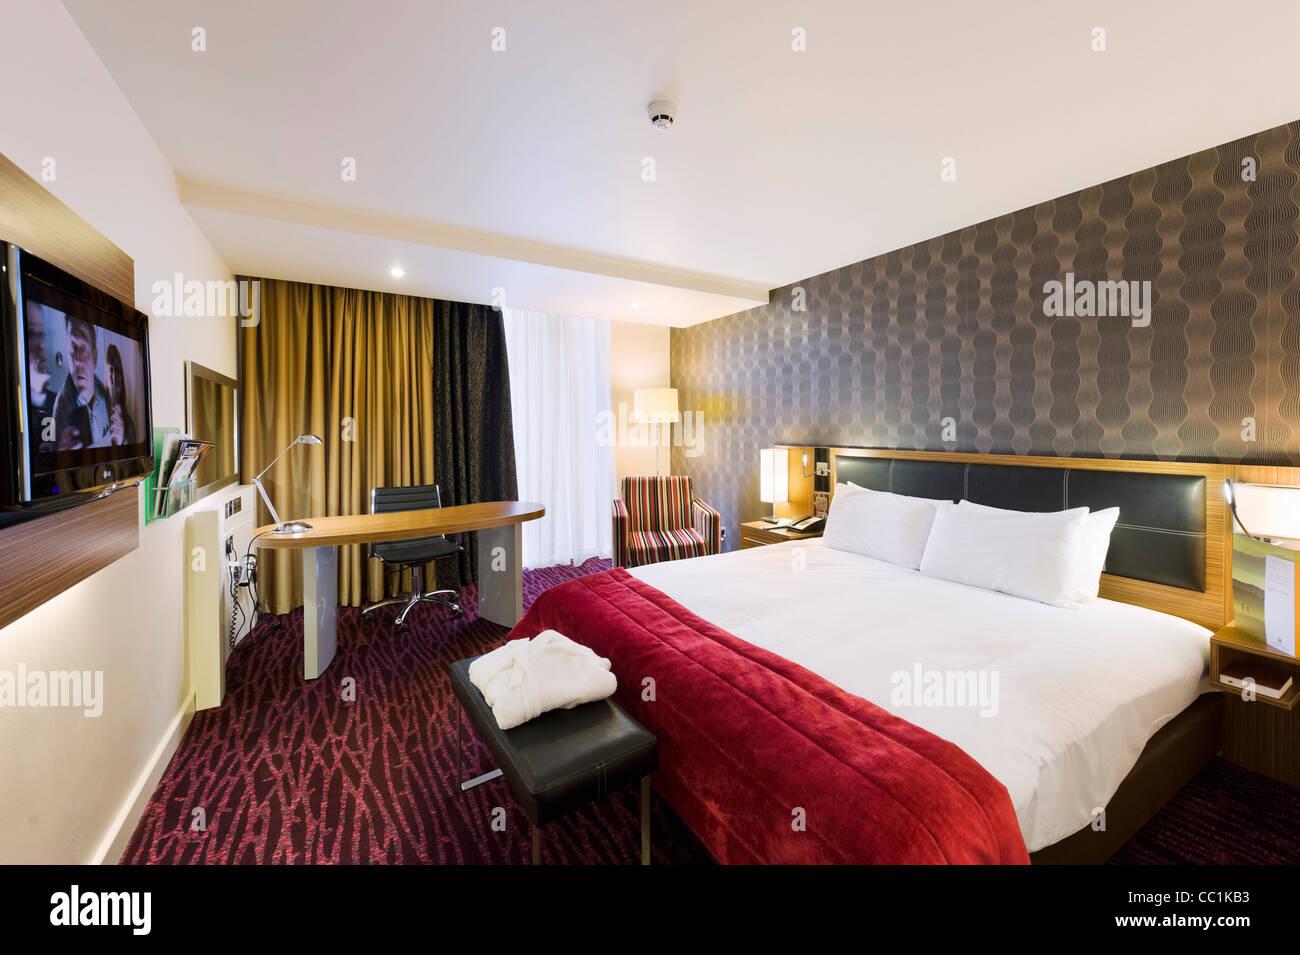 Camera Executive al Holiday Inn, Media City, Salford Quays, Manchester, Regno Unito Immagini Stock